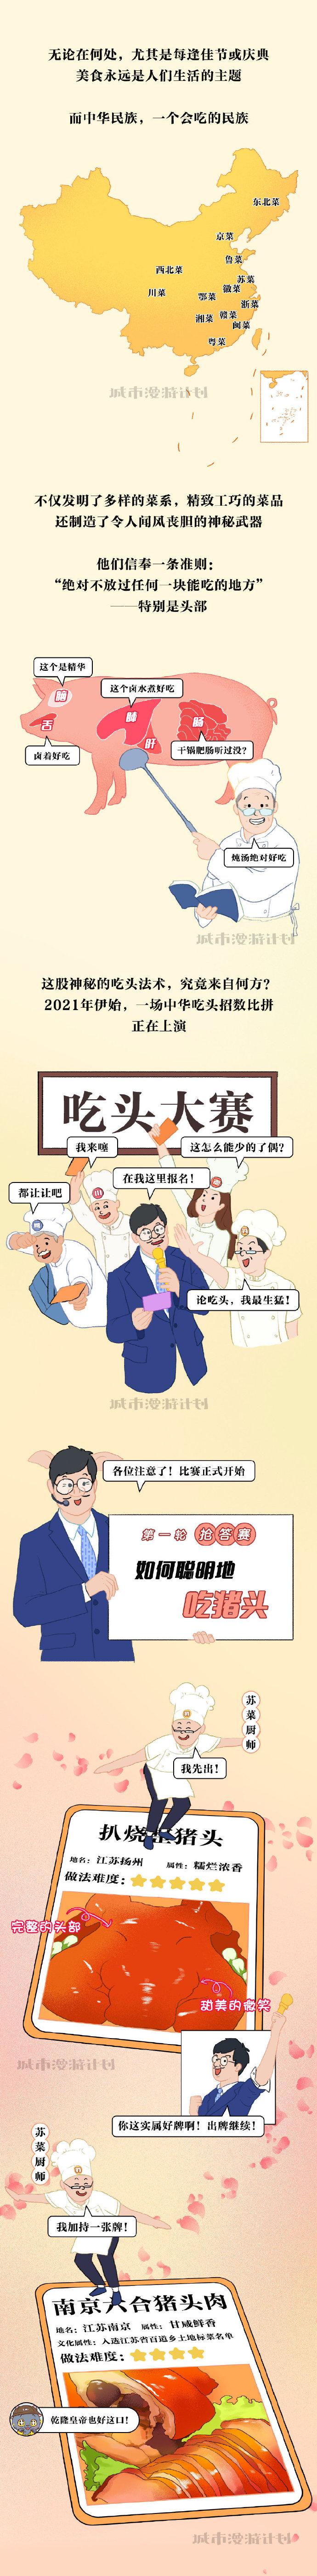 """在吃这件事上,中国人秉承一条准则:""""绝对不放过任何一块能吃的地方"""""""